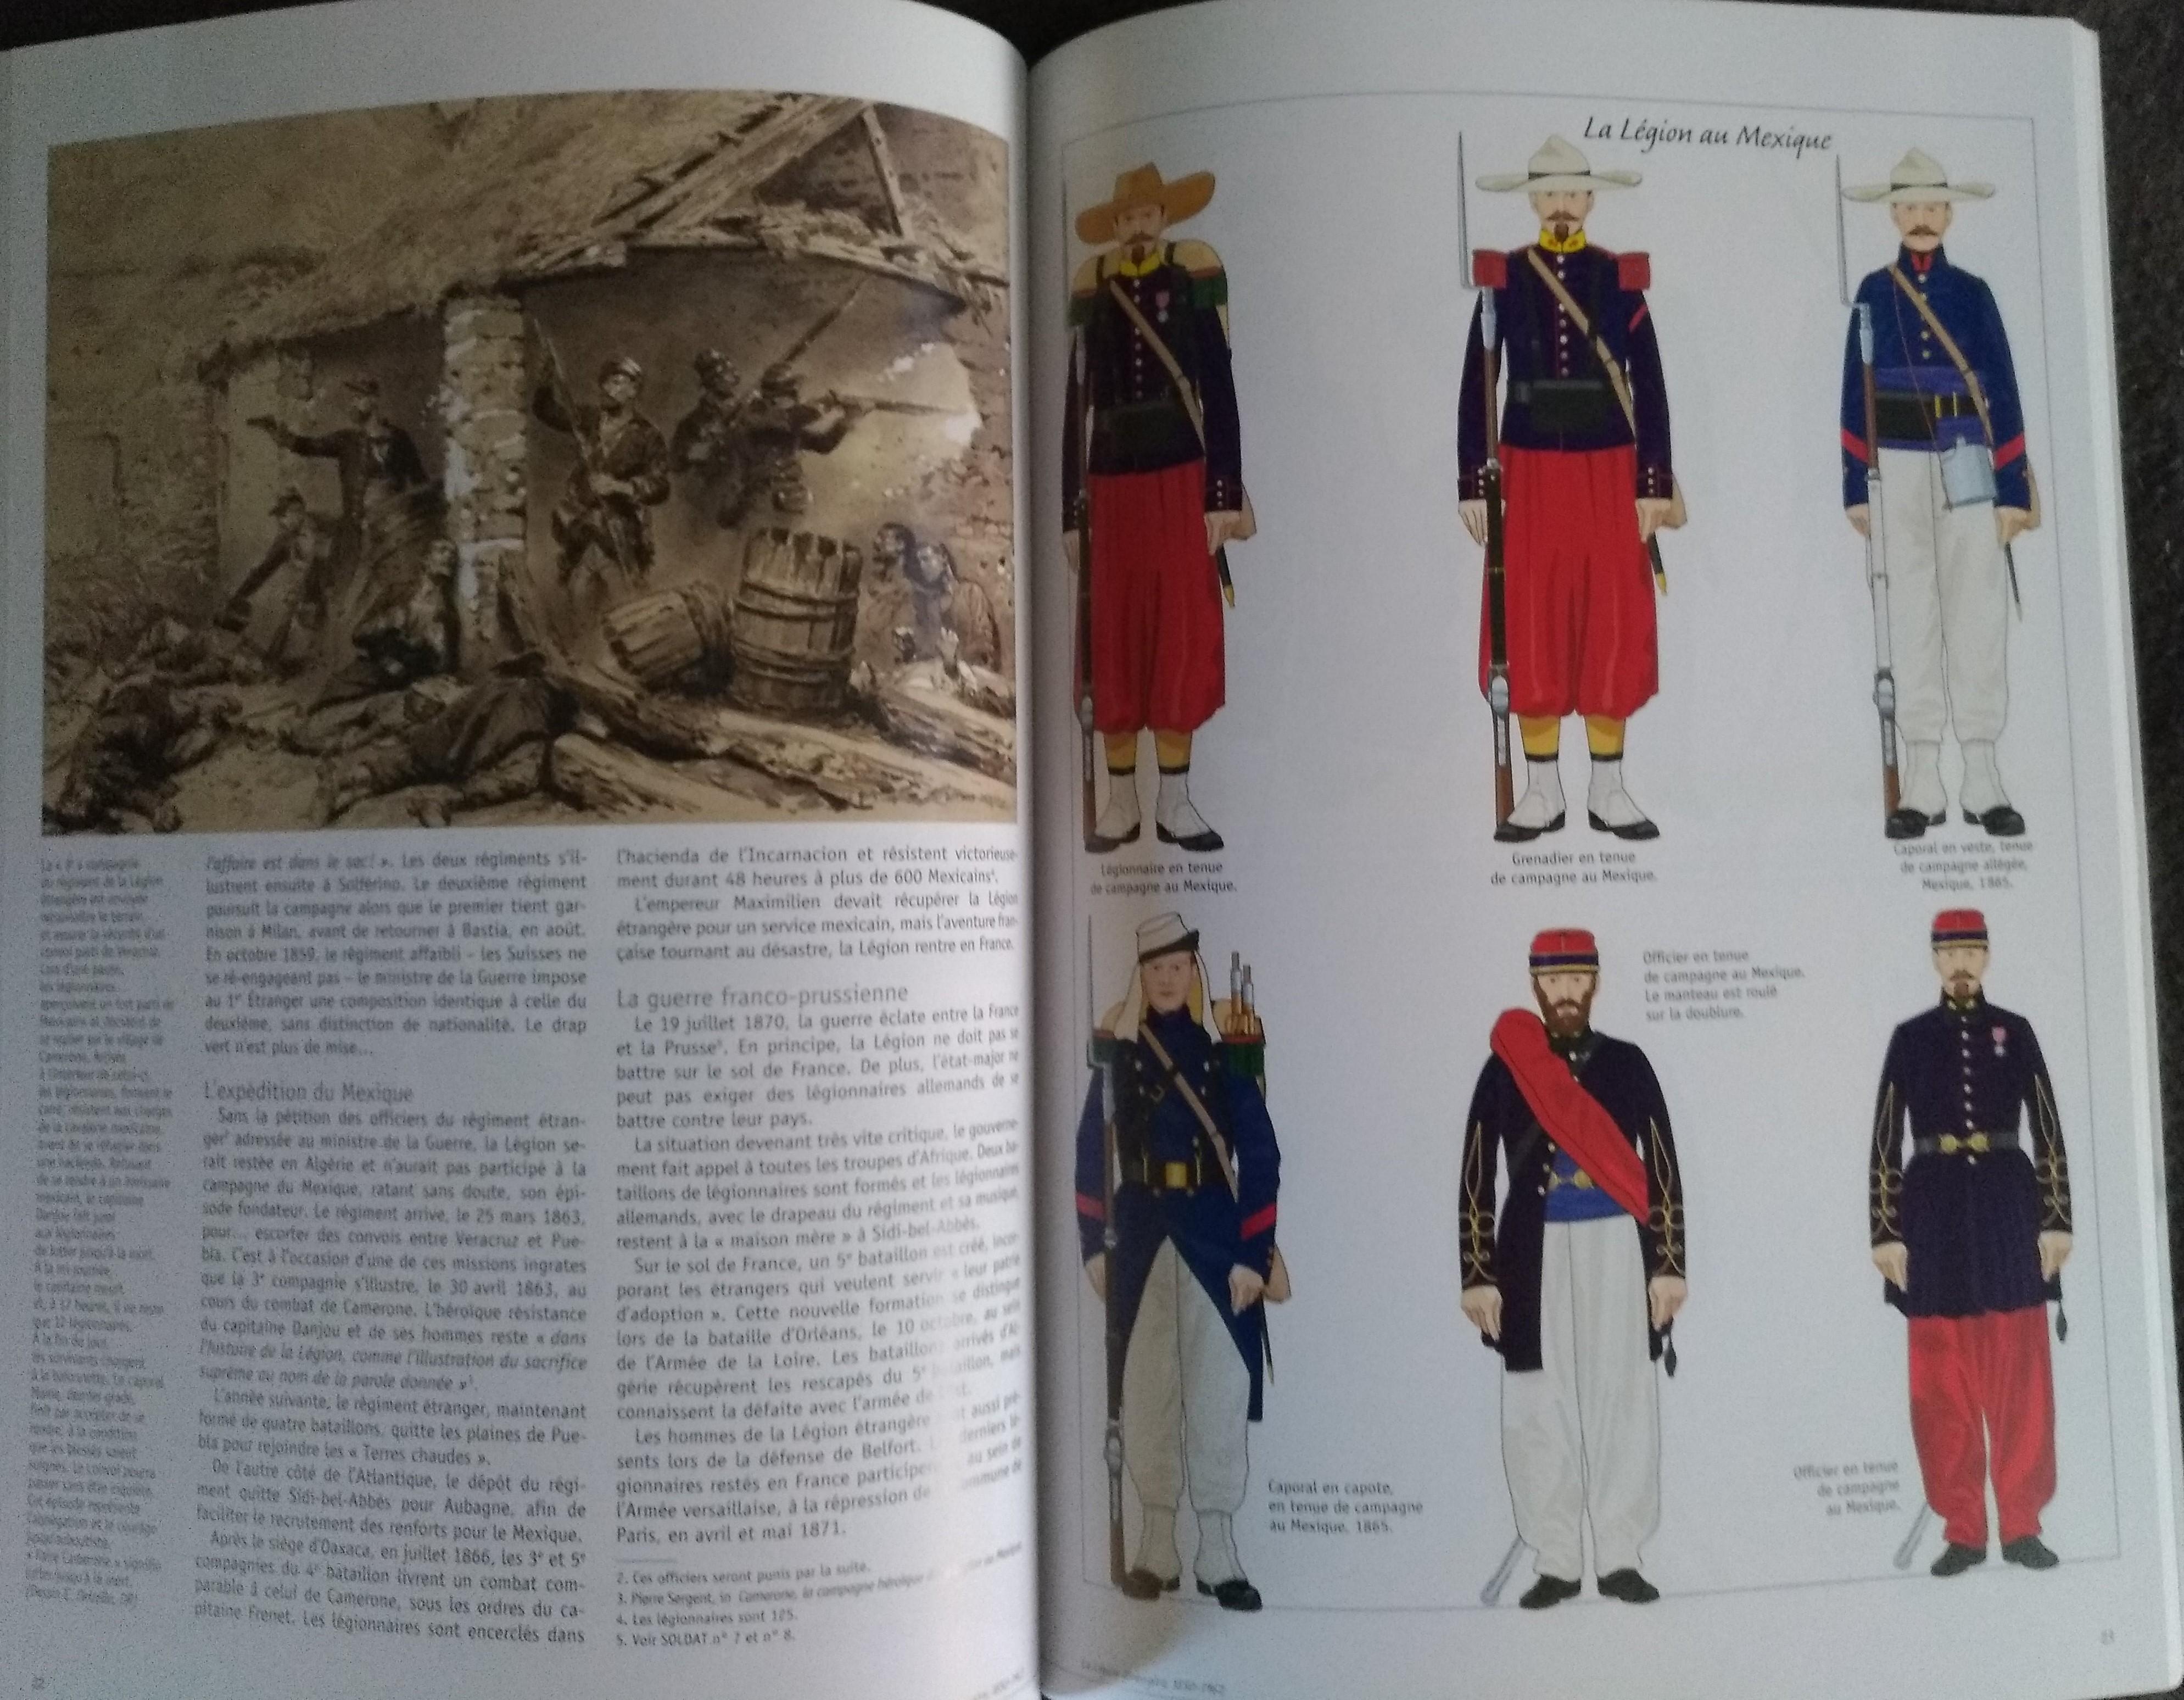 REVUE SOLDAT / LA LEGION 1831-1962 Pl6WM0